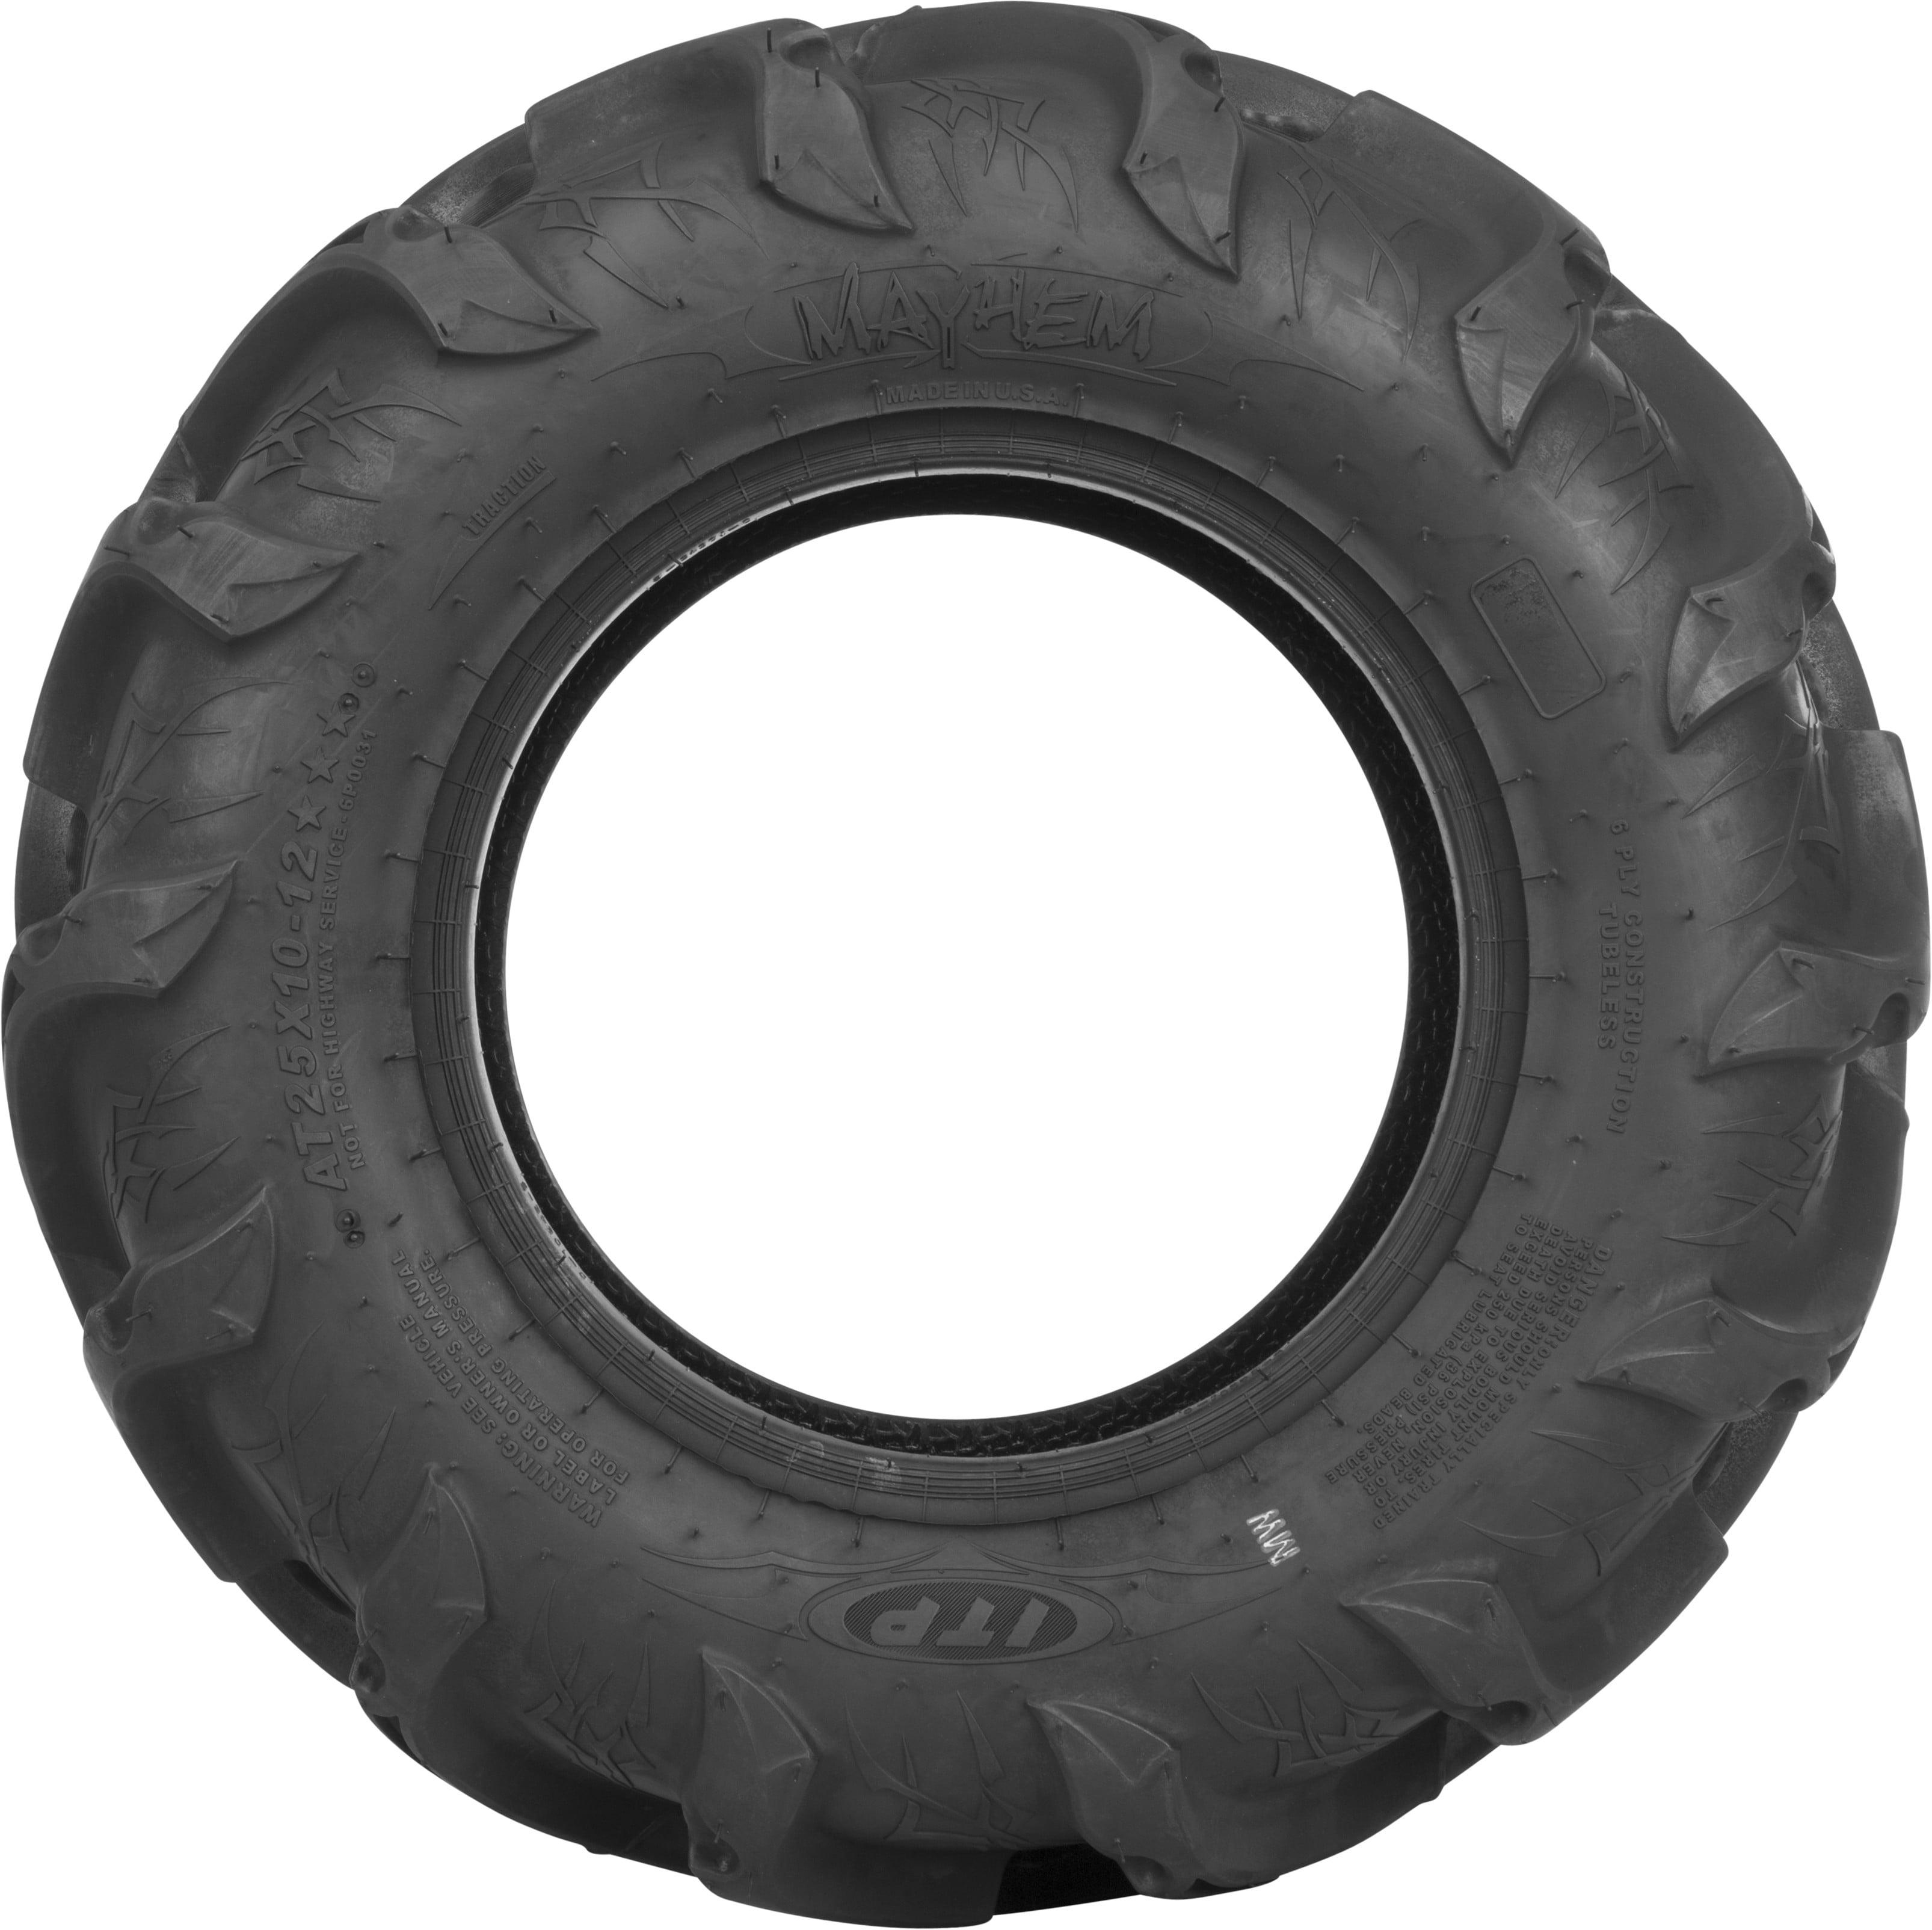 I.T.P. Mayhem Tire 25x10x12 Rear 6P0031 ITP